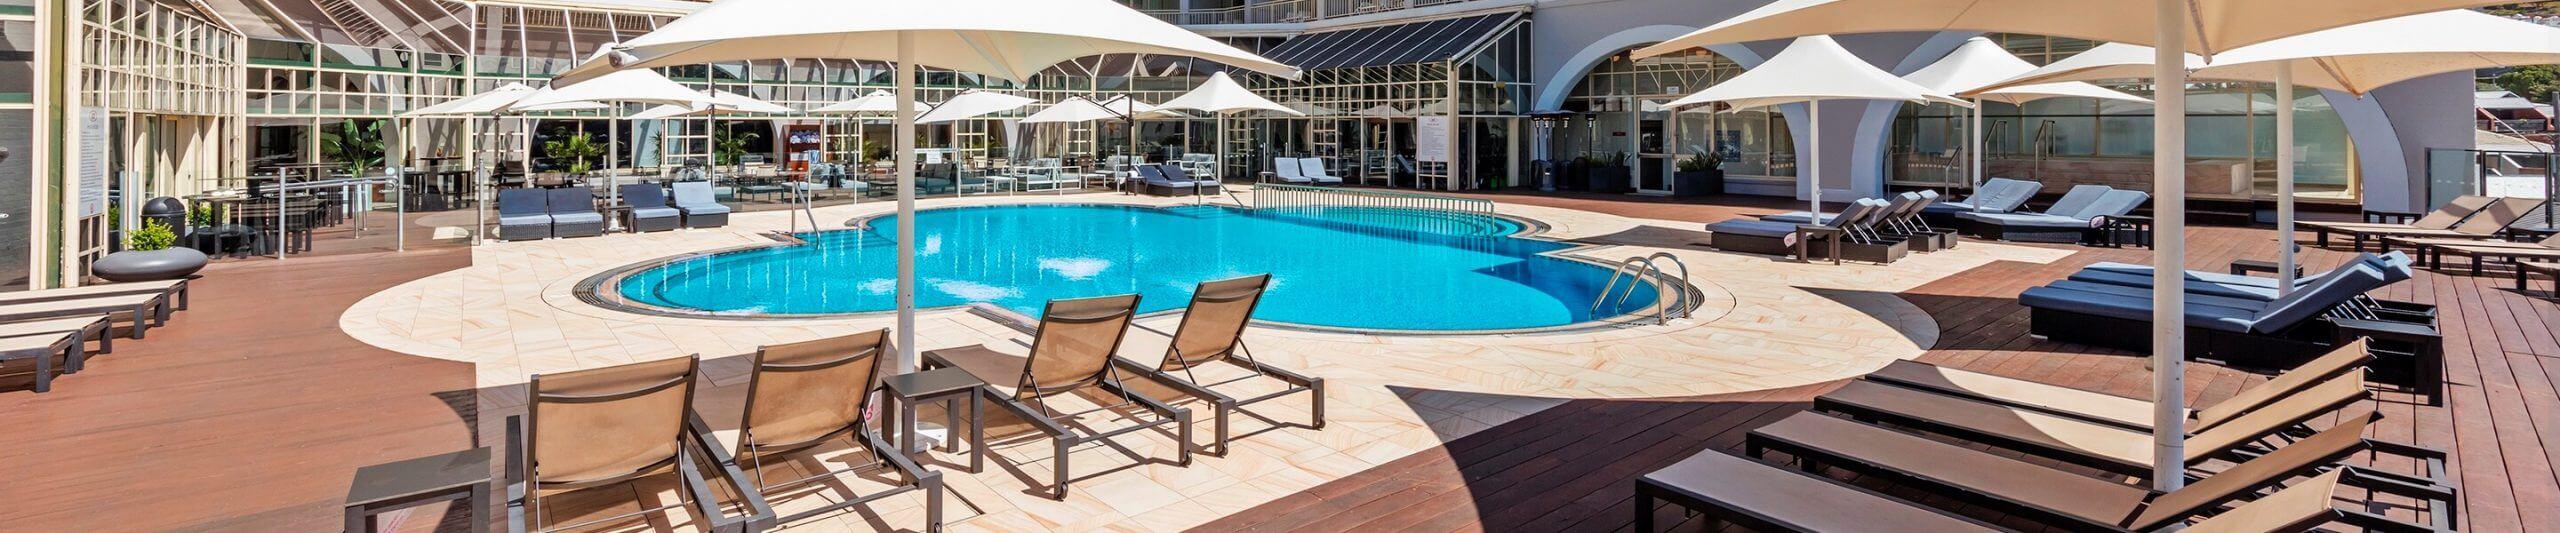 pool view crowne plaza terrigal